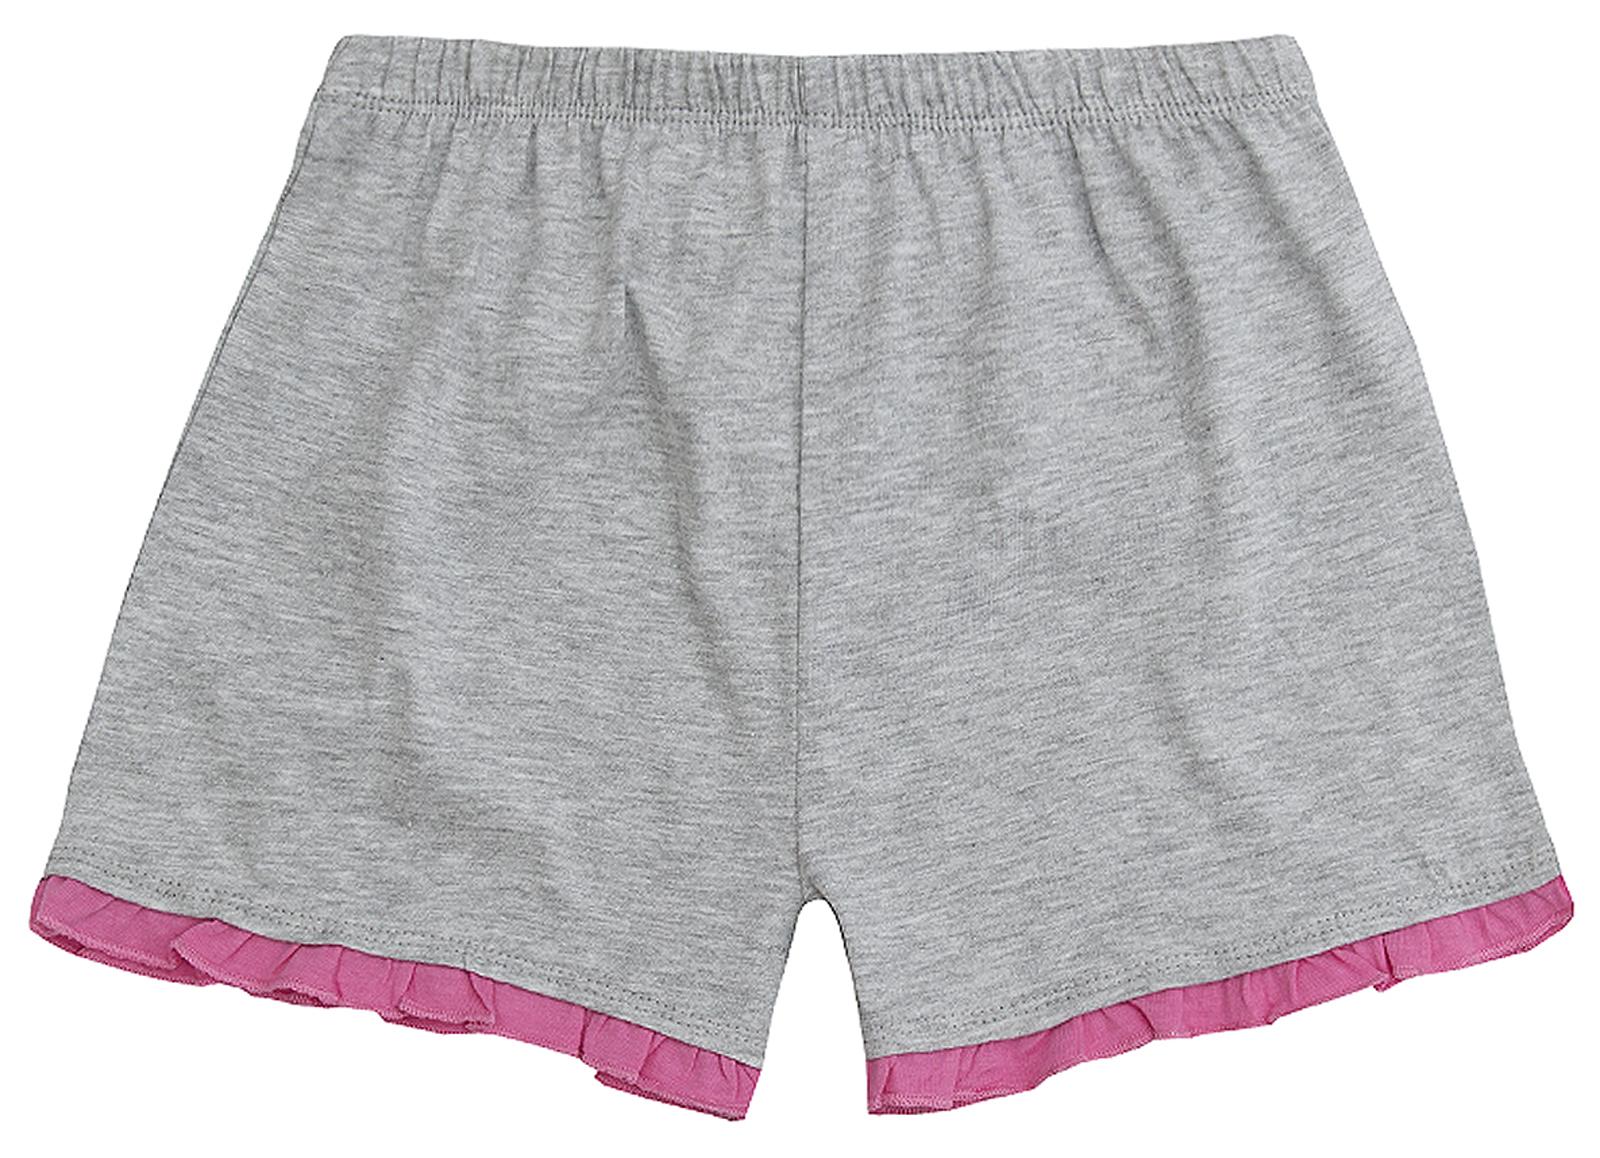 Girls Novelty Pyjama Set 2 Piece Short Summer Pjs T Shirt Shorts Kids Size